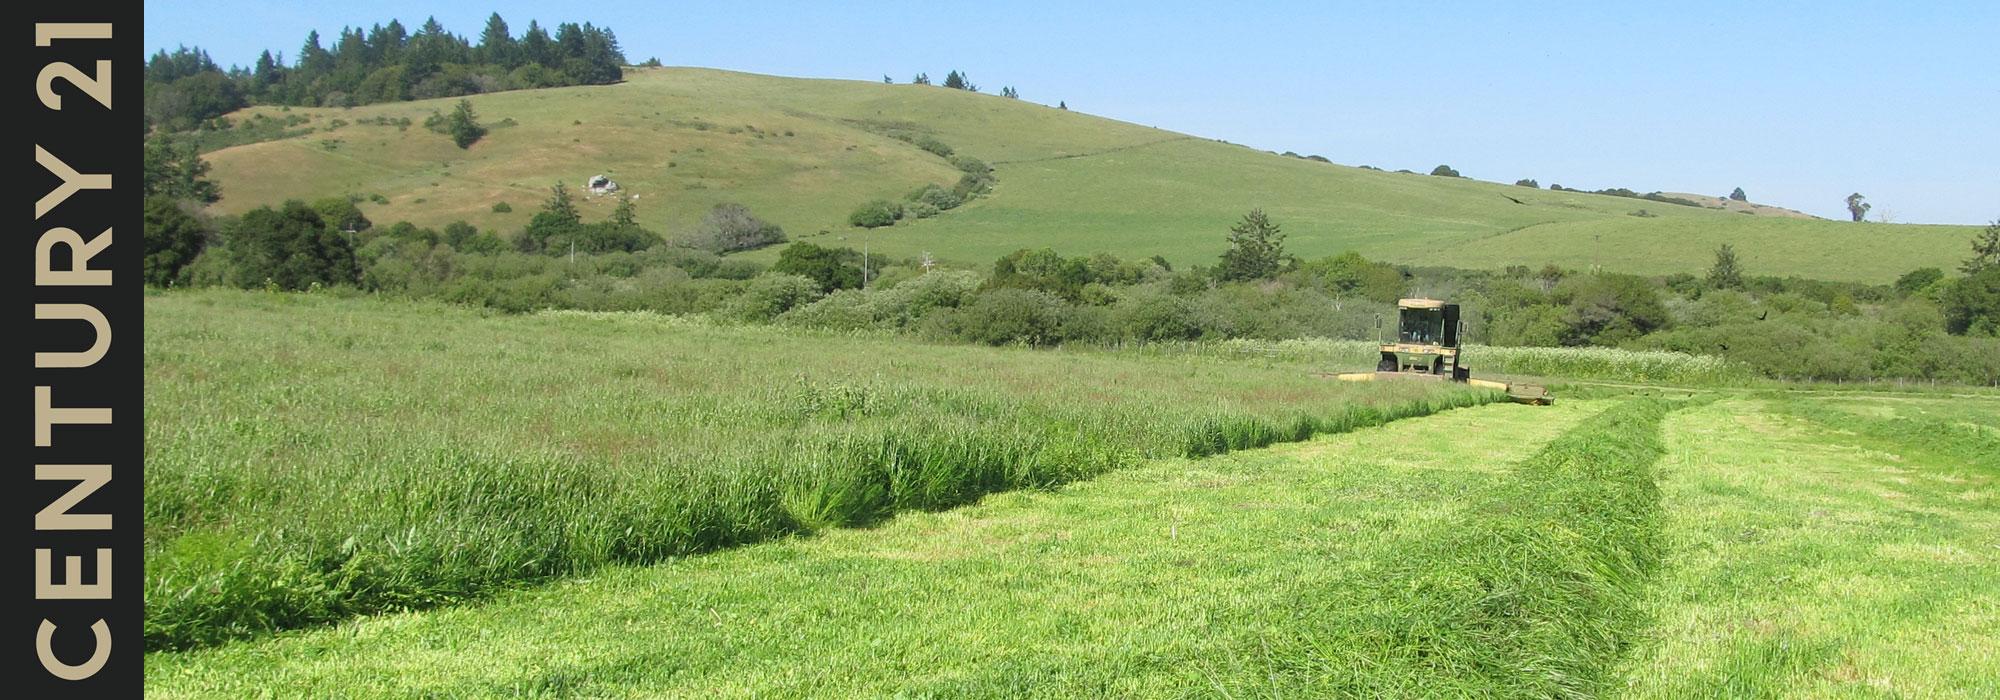 Bodega Ranch Century 21 Bundesen